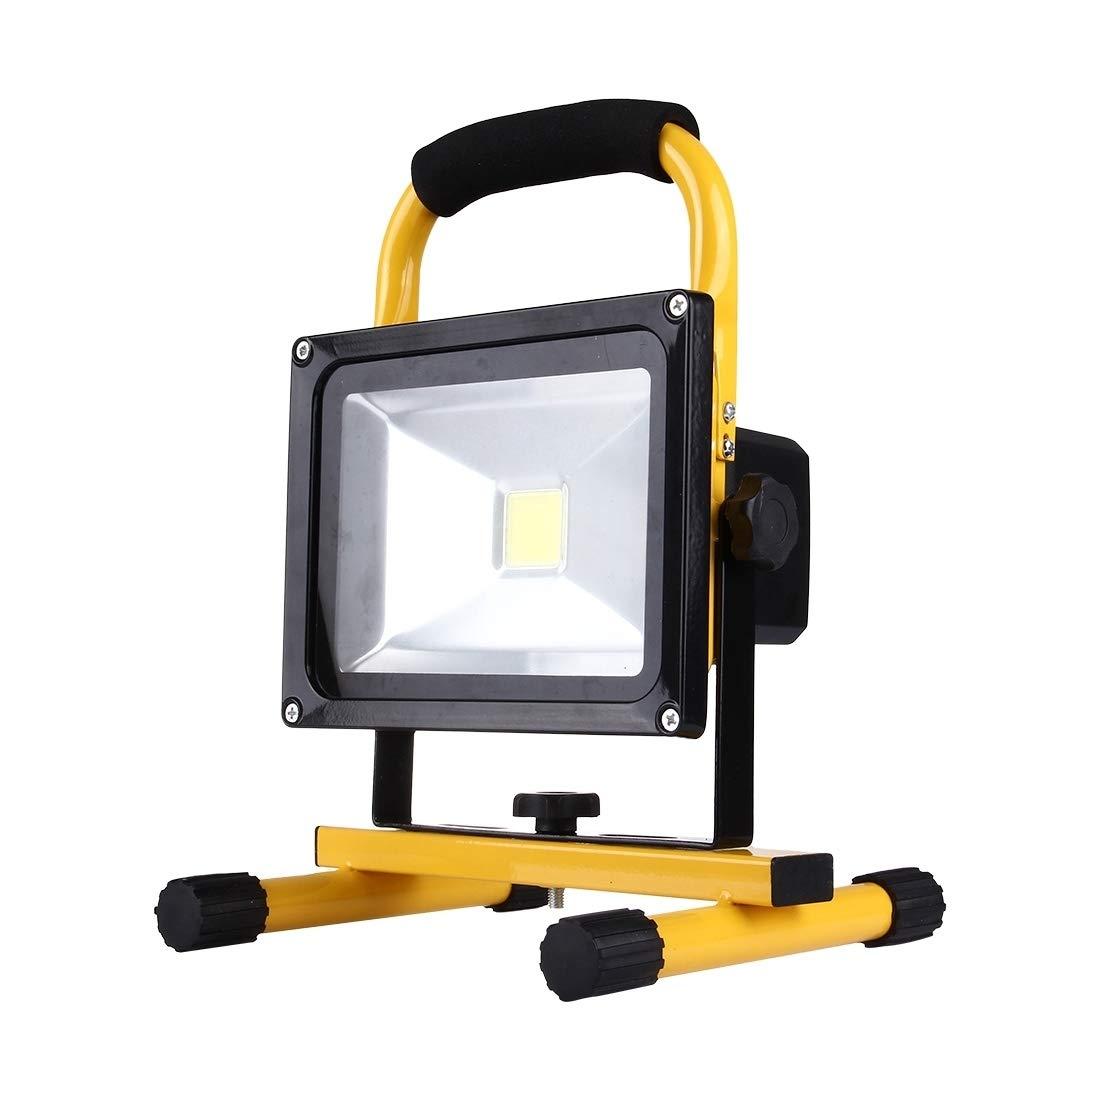 Sandy Cowper Außenbeleuchtung 20W 1800LM Leben Wasserdichte LED wiederaufladbare Handflutlichtlampe, Wechselstrom 100-250V